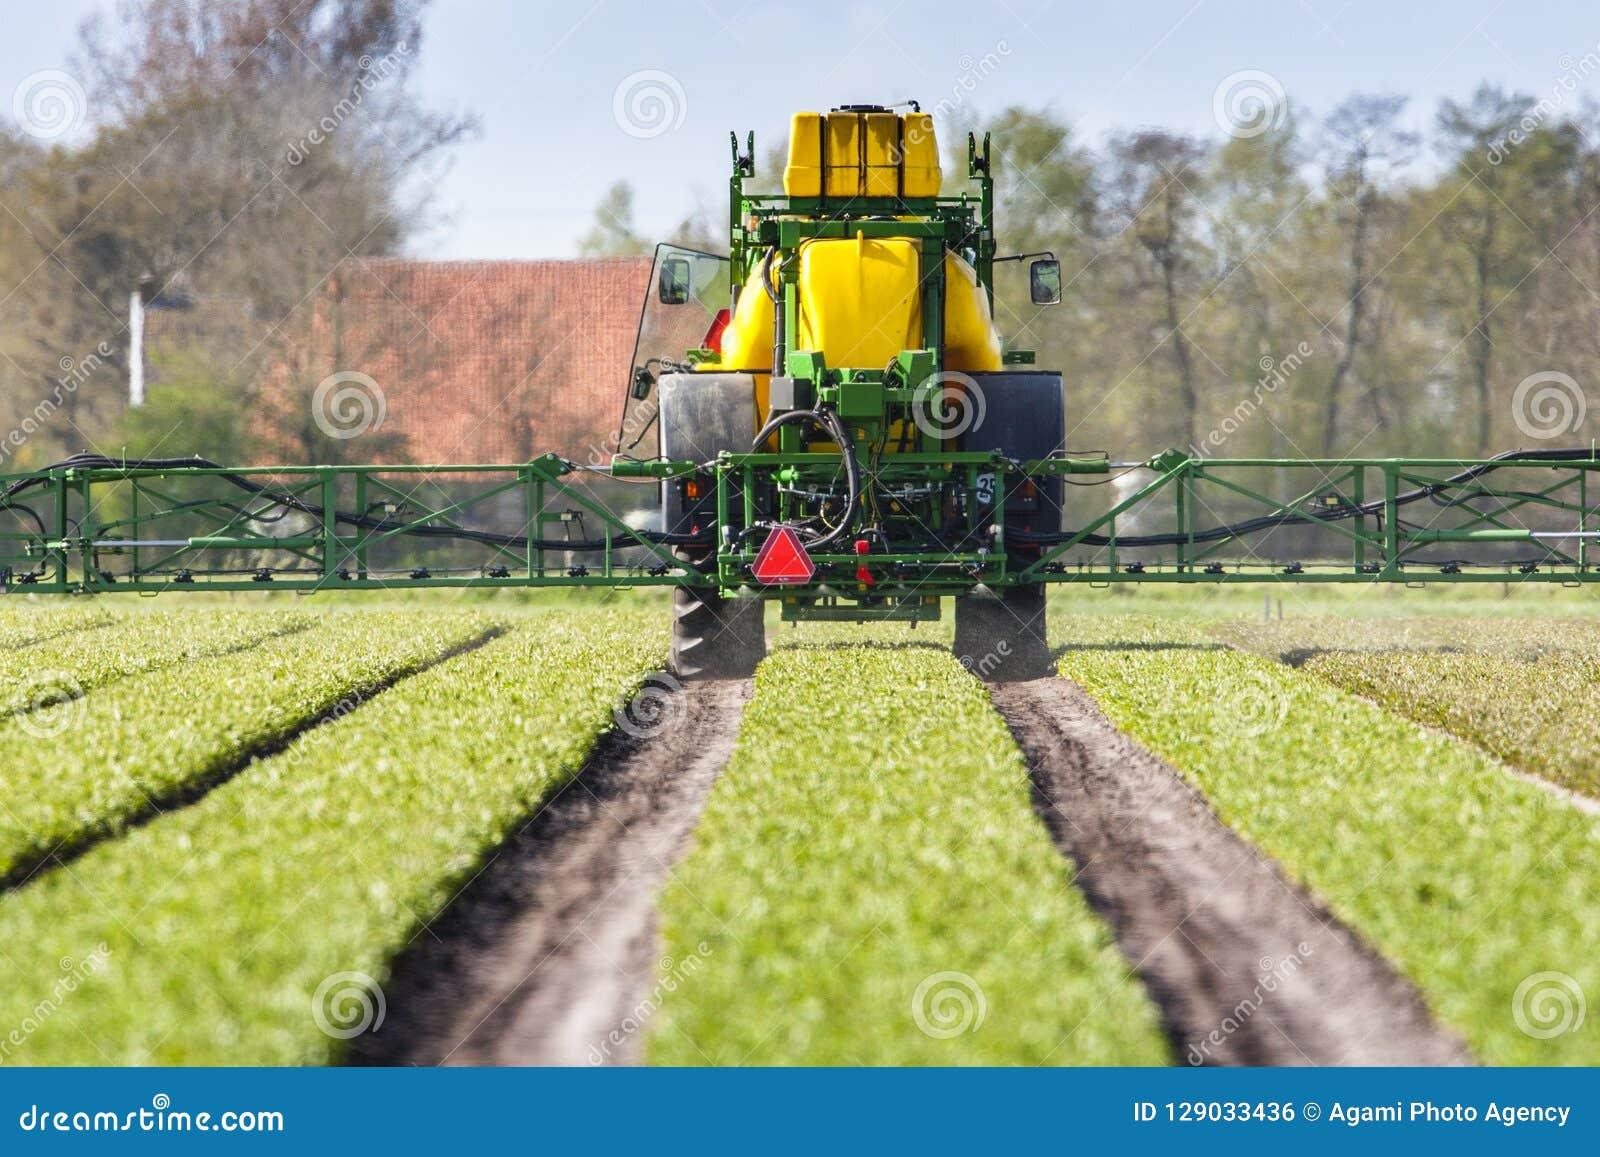 Traktoren dör landbouwgifspuit, traktoren som besprutar bekämpningsmedel